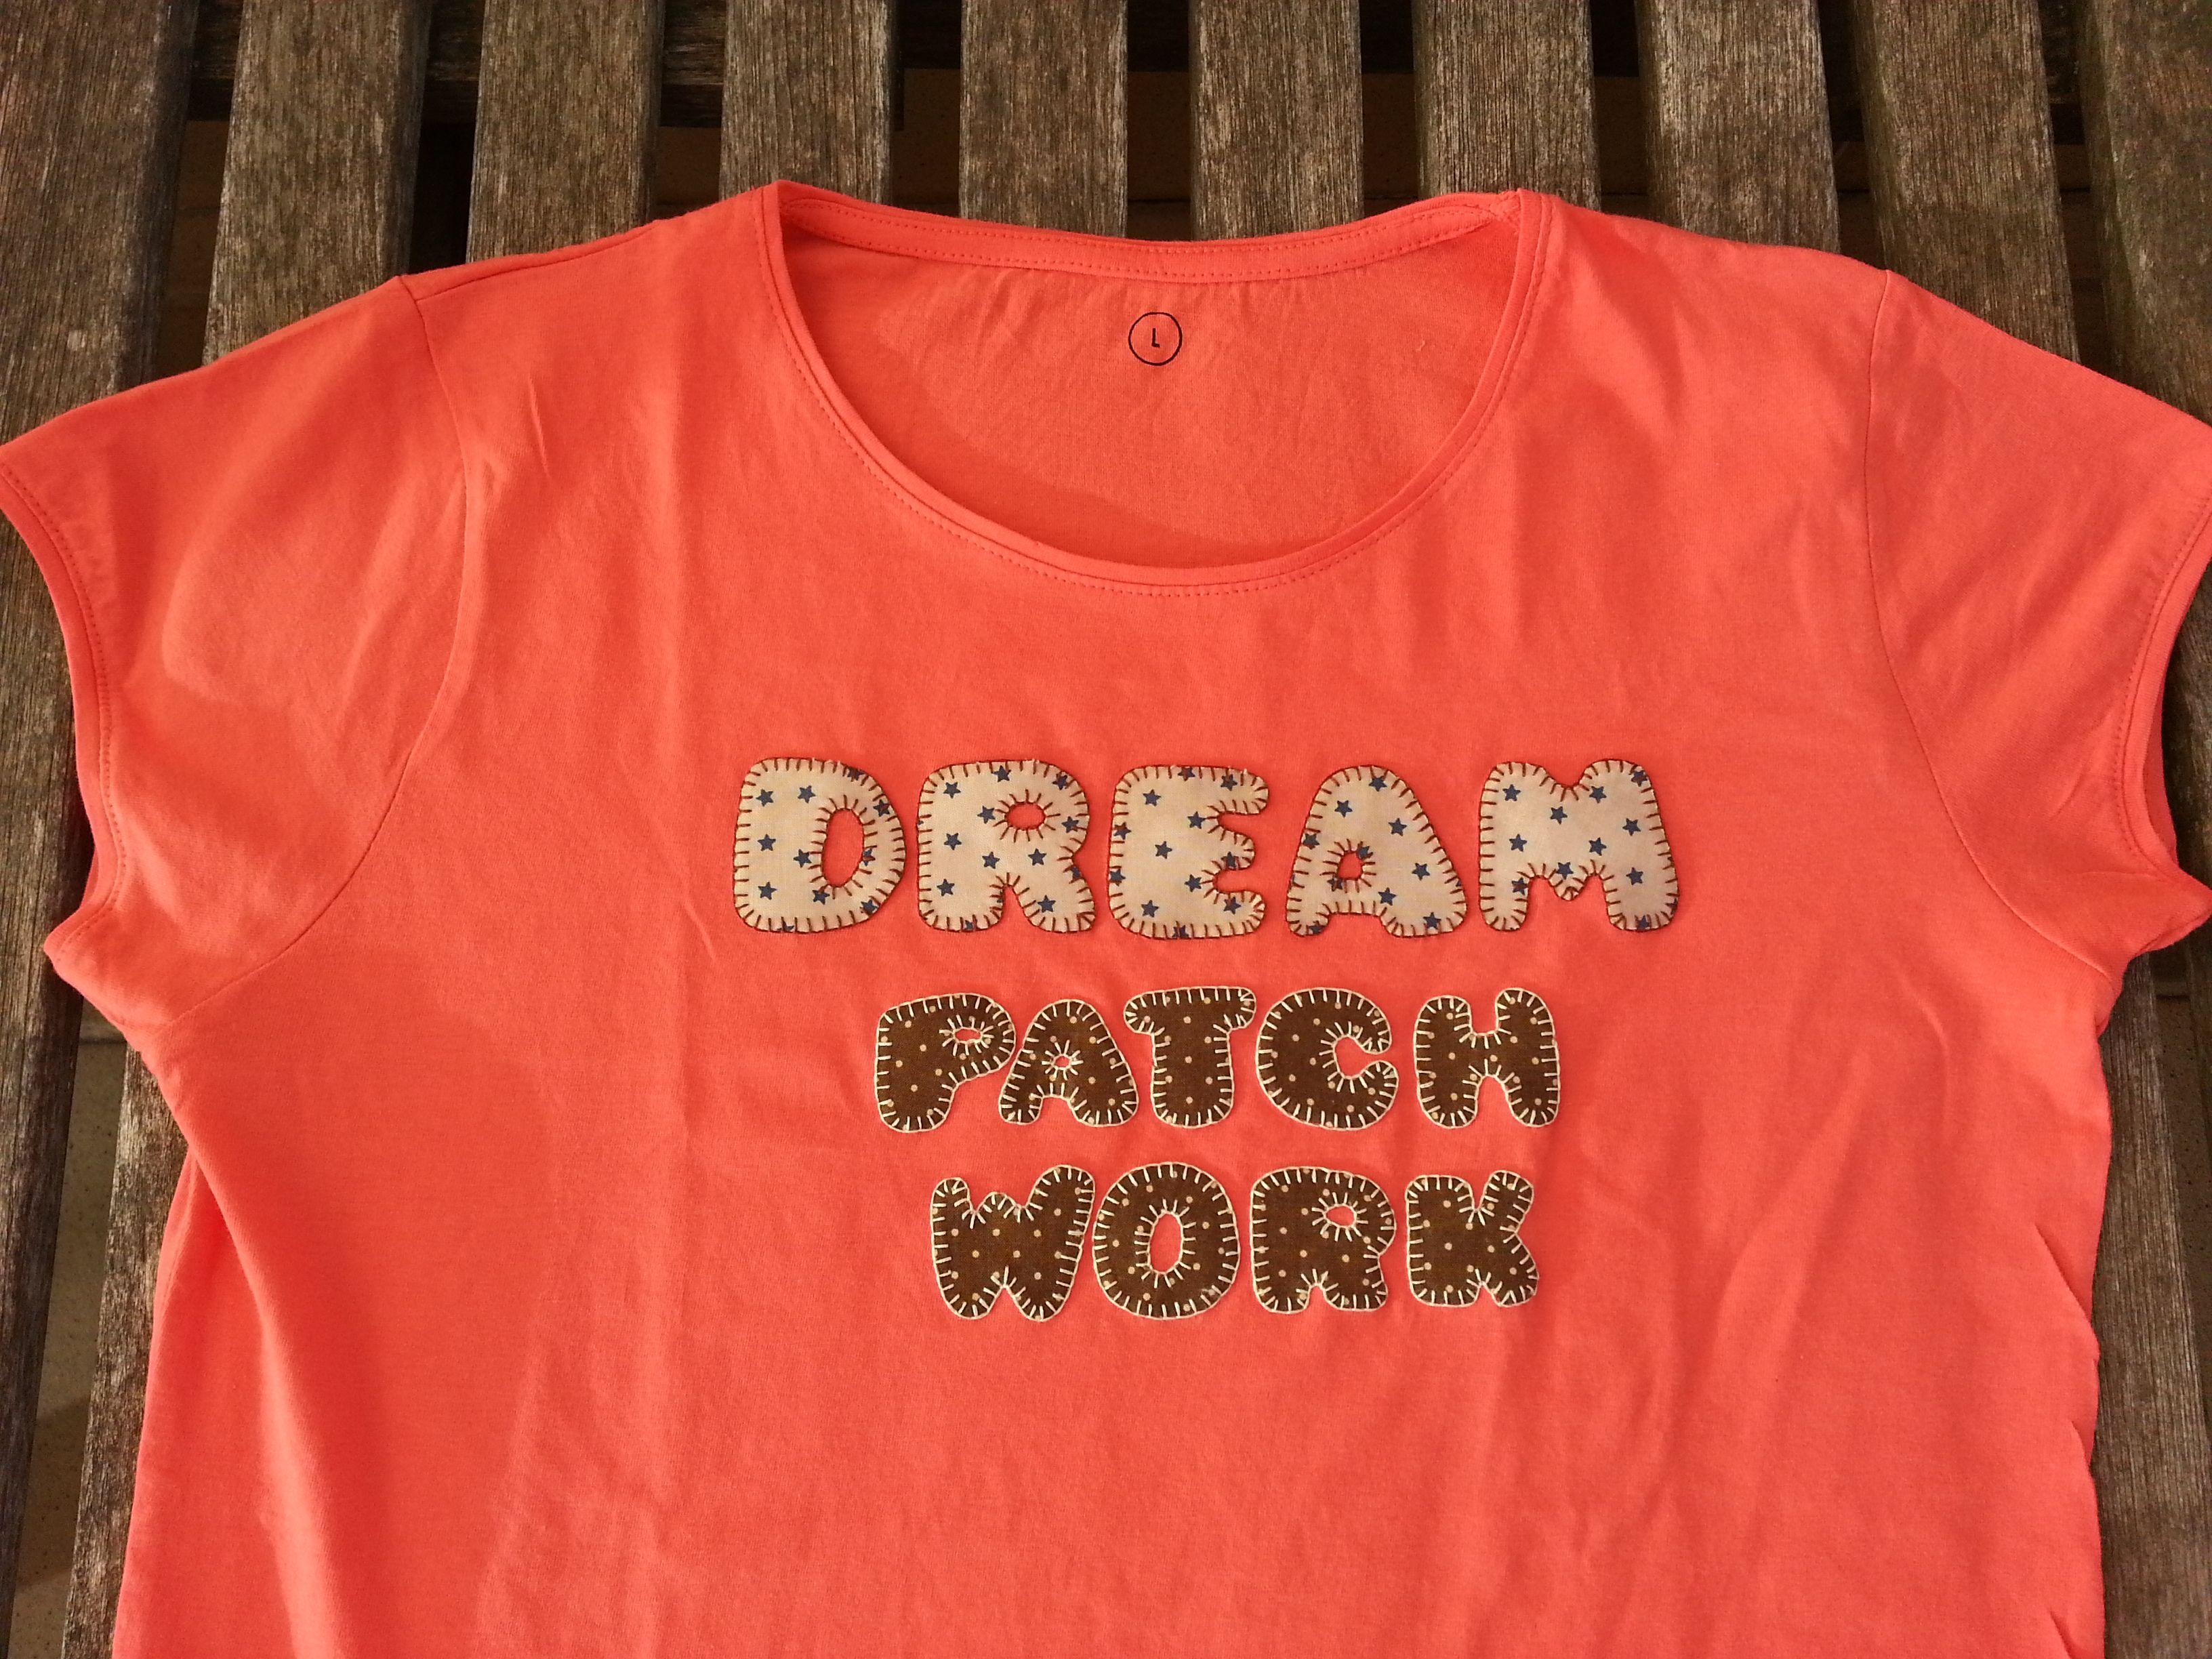 Camiseta con aplicación en patchwork / T-Shirt with patchwork applique DIY